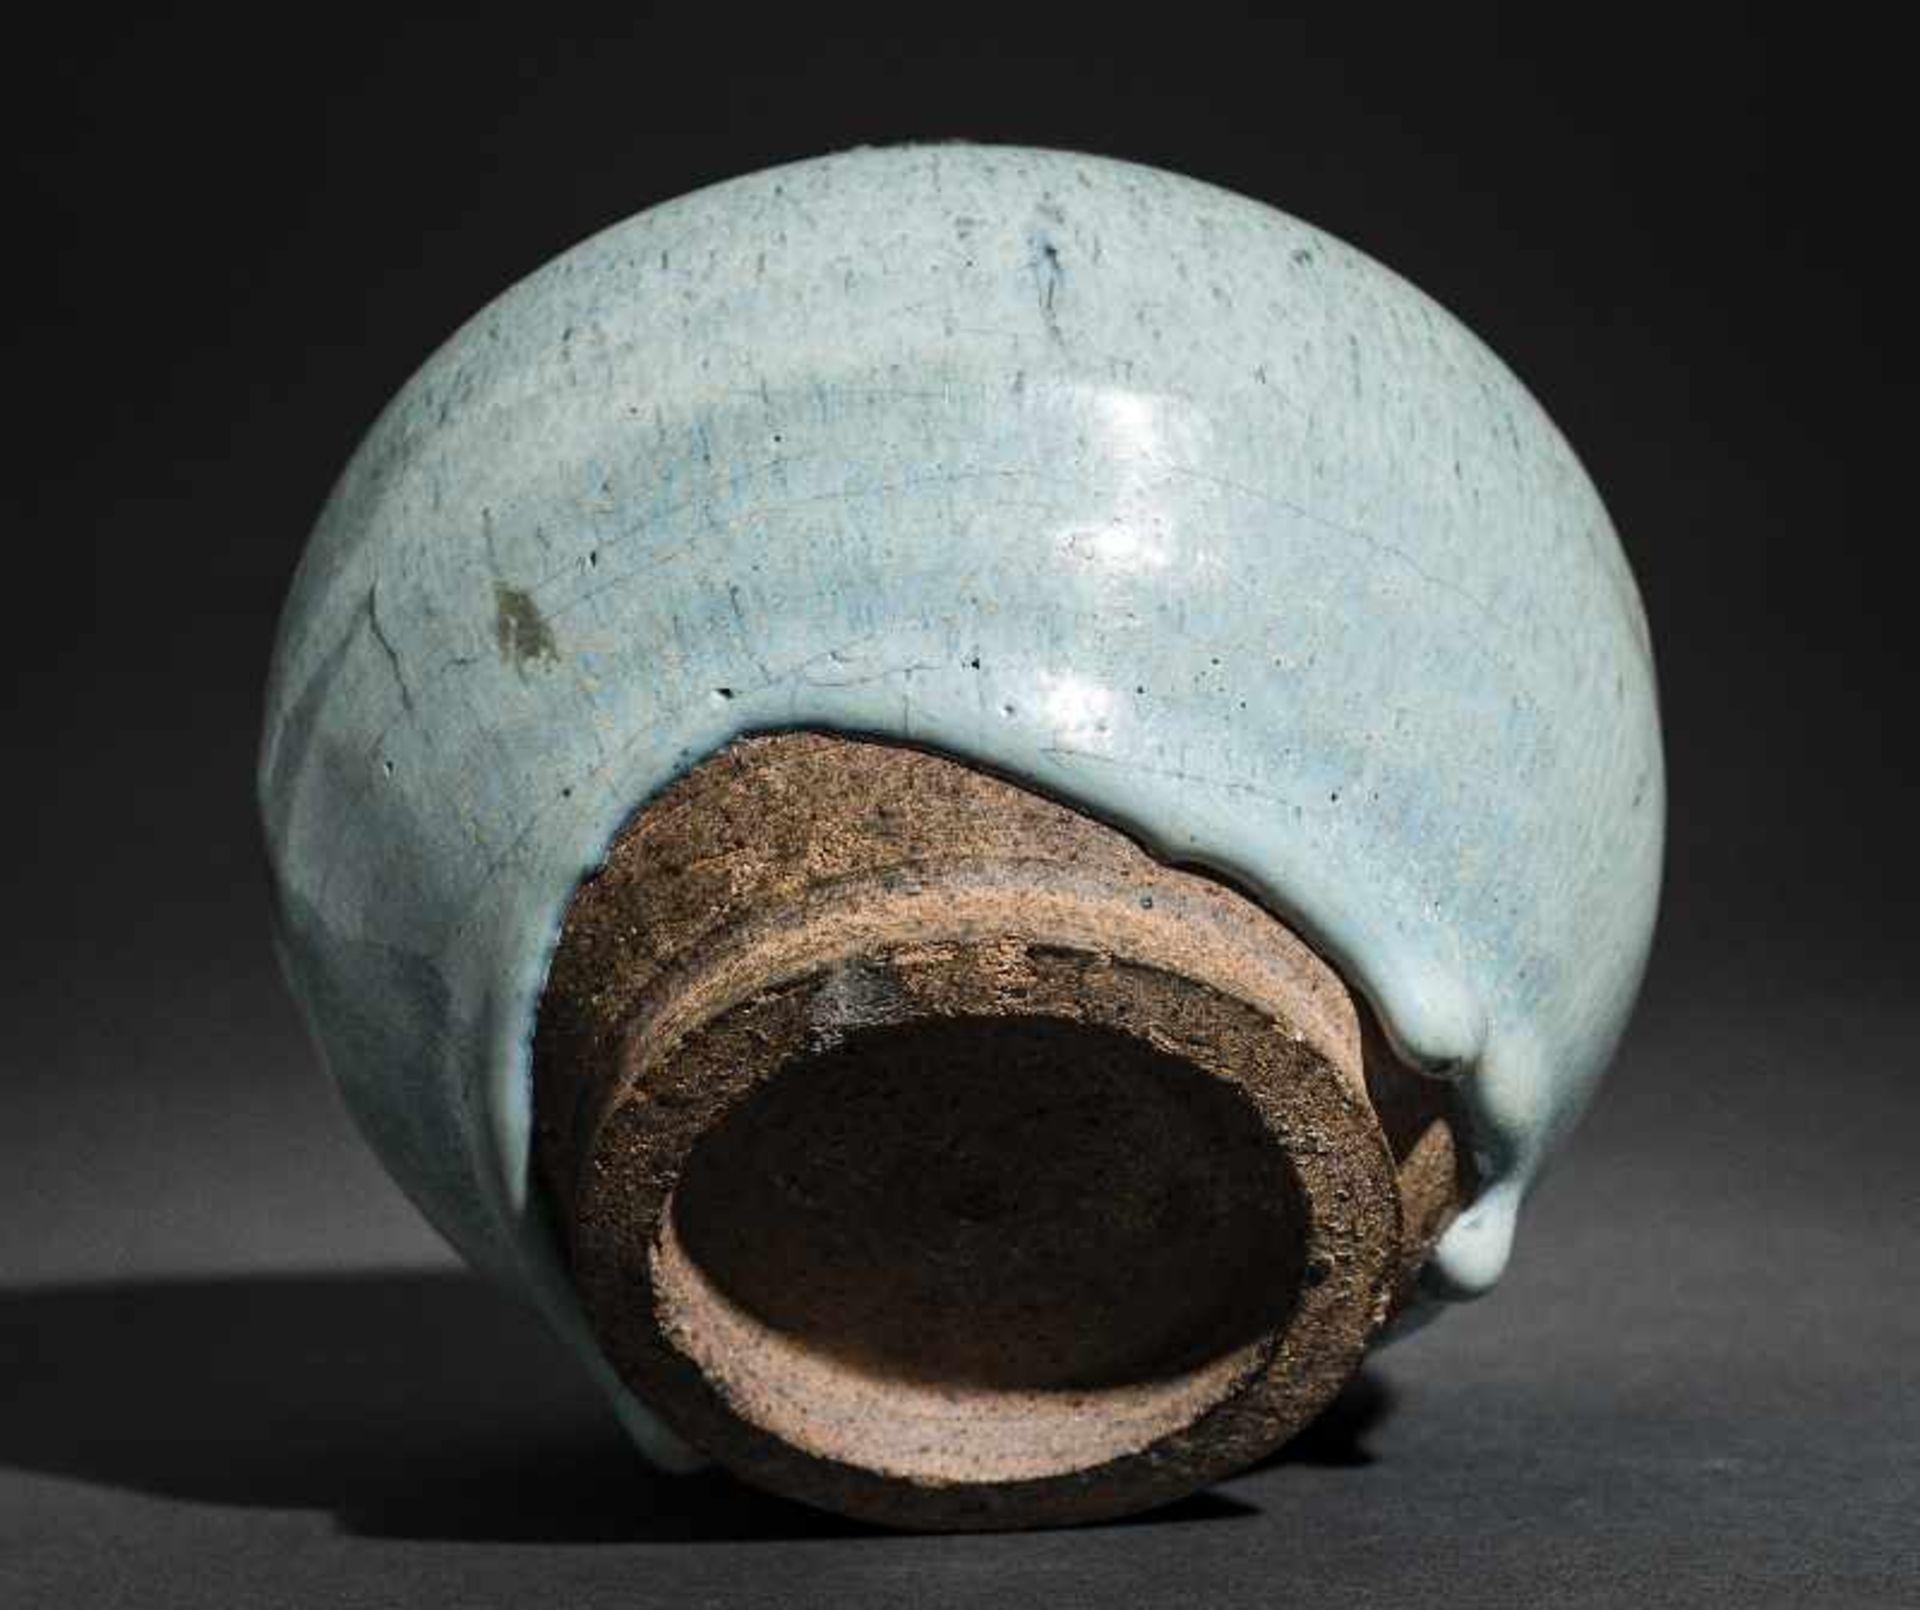 SCHULTERTOPF JUNYAO Glasierte Keramik. China, Yuan bis Ming, ca. 14. bis 15. Jh. Sehr - Image 6 of 8